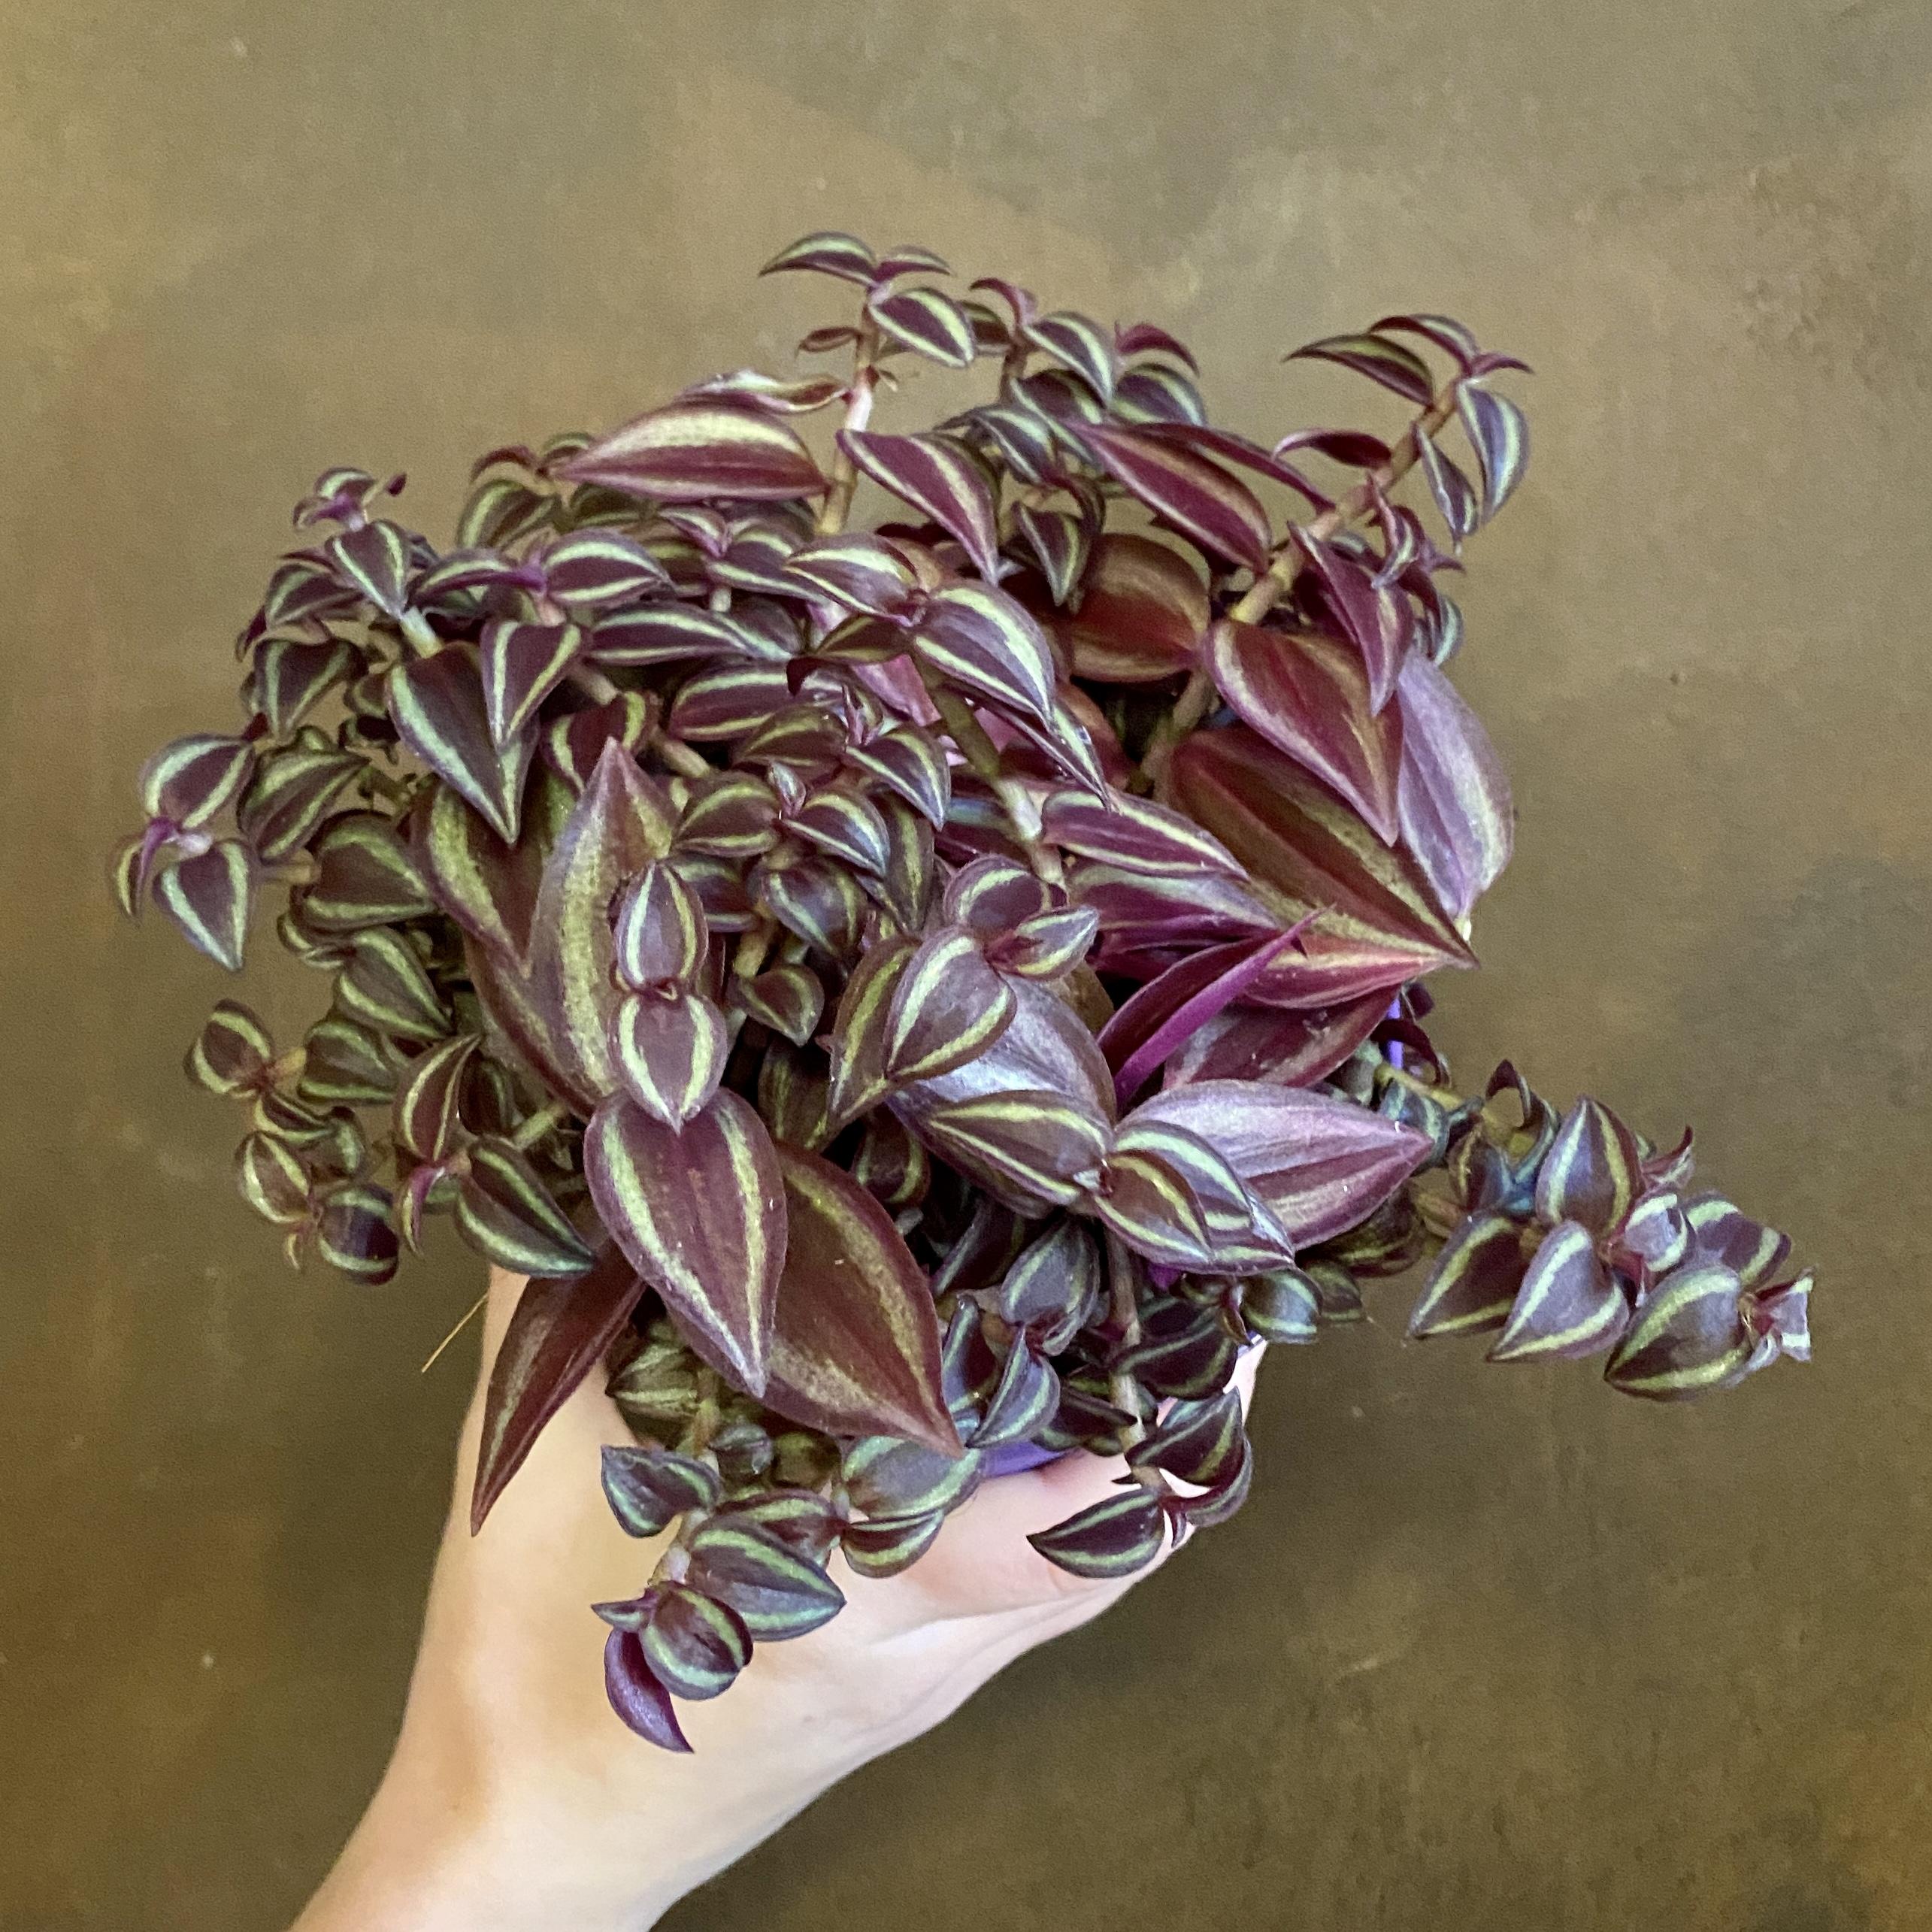 Tradescantia zebrina 'Purple Passion'